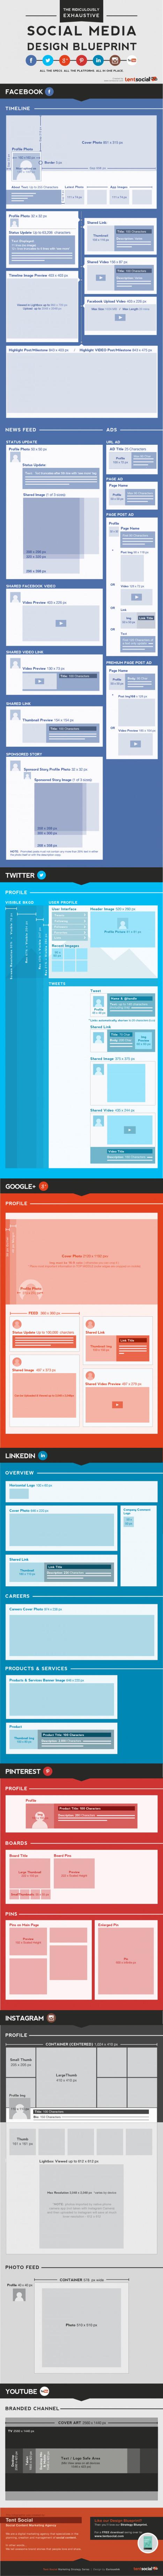 [Infographie] Toutes les dimensions des images pour les réseaux sociaux | PITIWIKI & les réseaux sociaux | Scoop.it